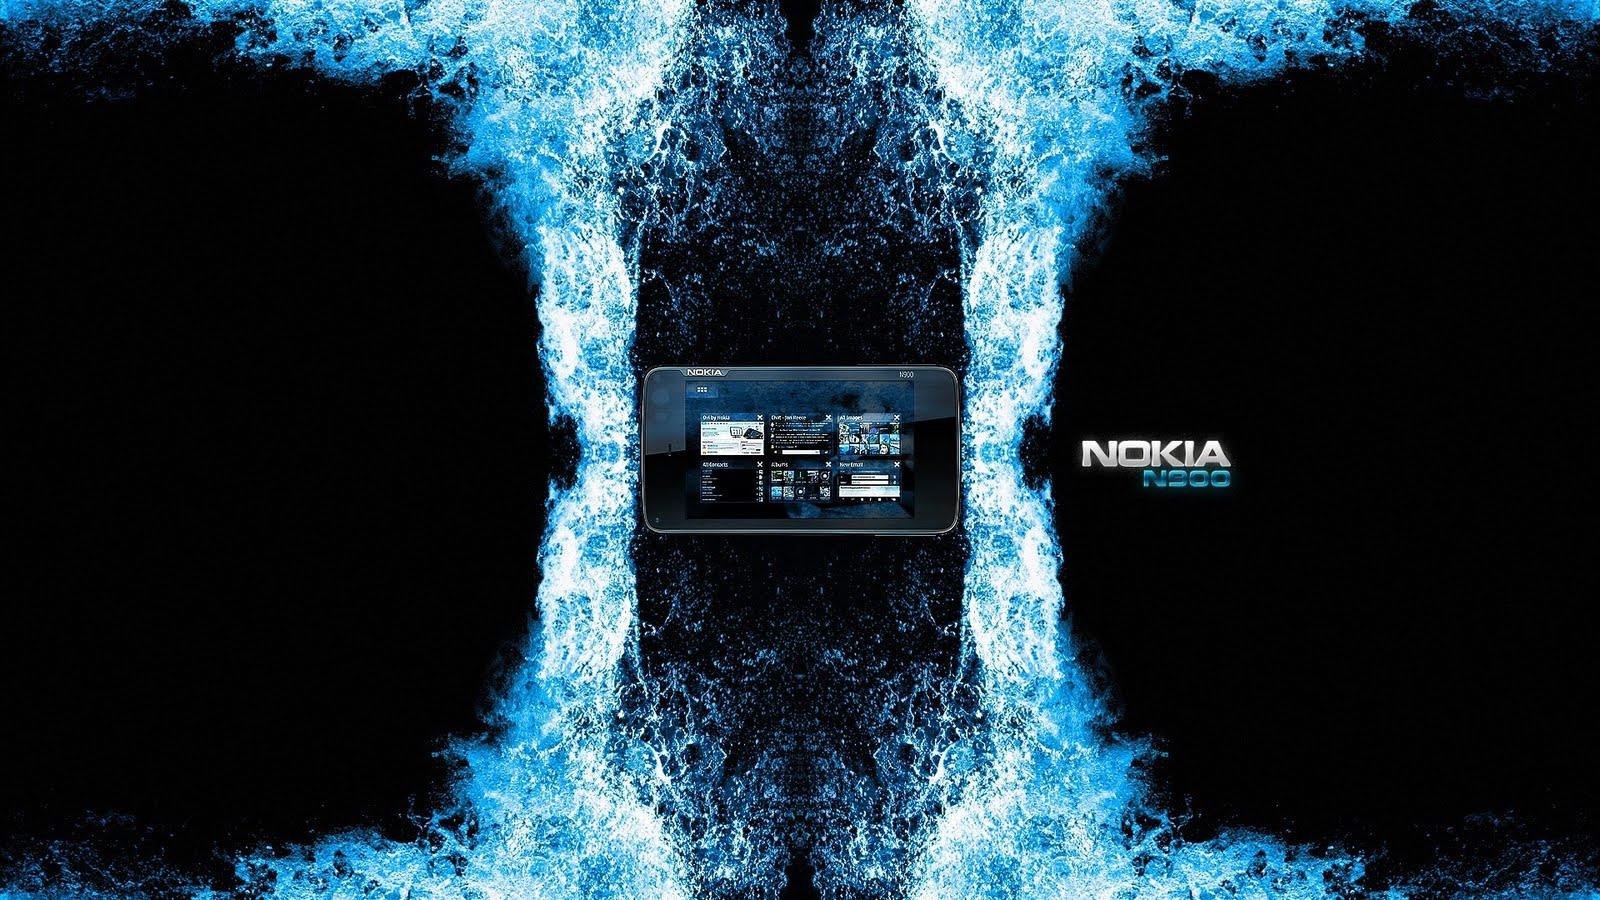 imagens do celular nokia lumia - Nokia Lumia 820 Ficha Técnica Tudocelular